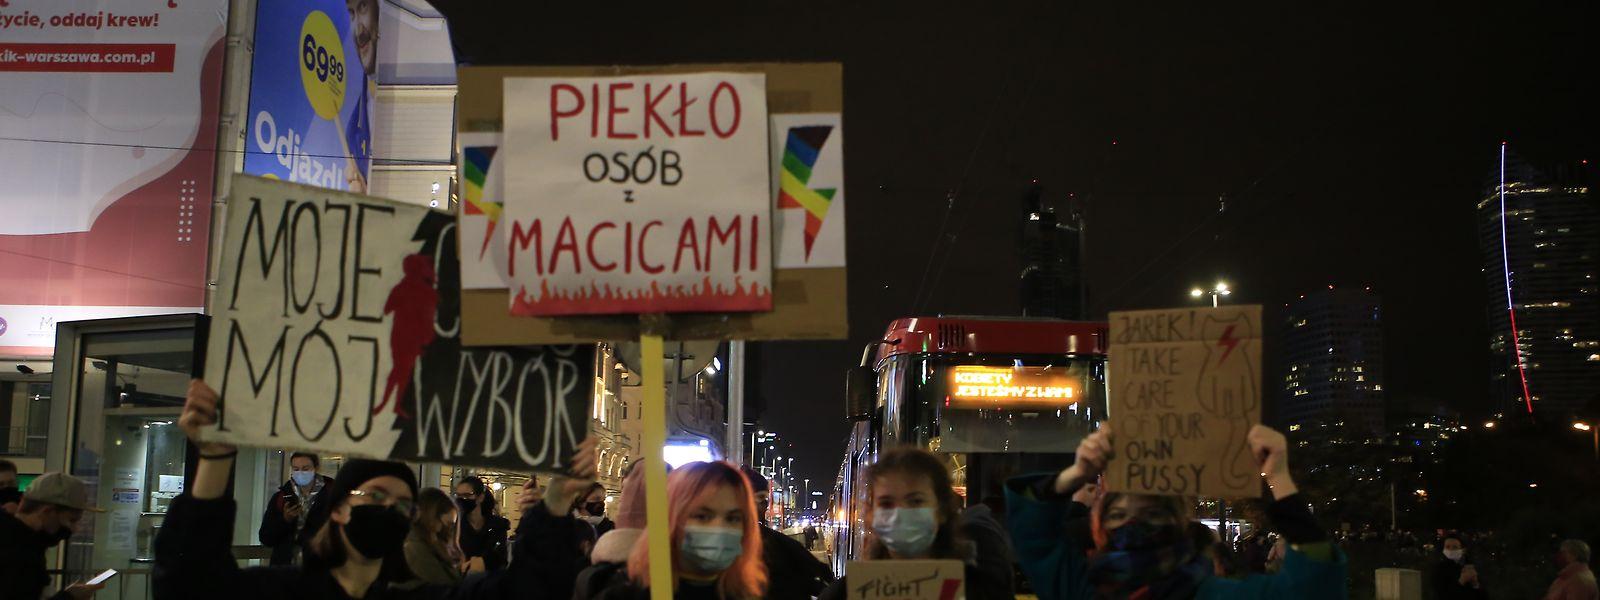 Junge Demonstrantinnen nehmen an einem Protest gegen eine Verschärfung des Abtreibungsrechts in Polen teil.